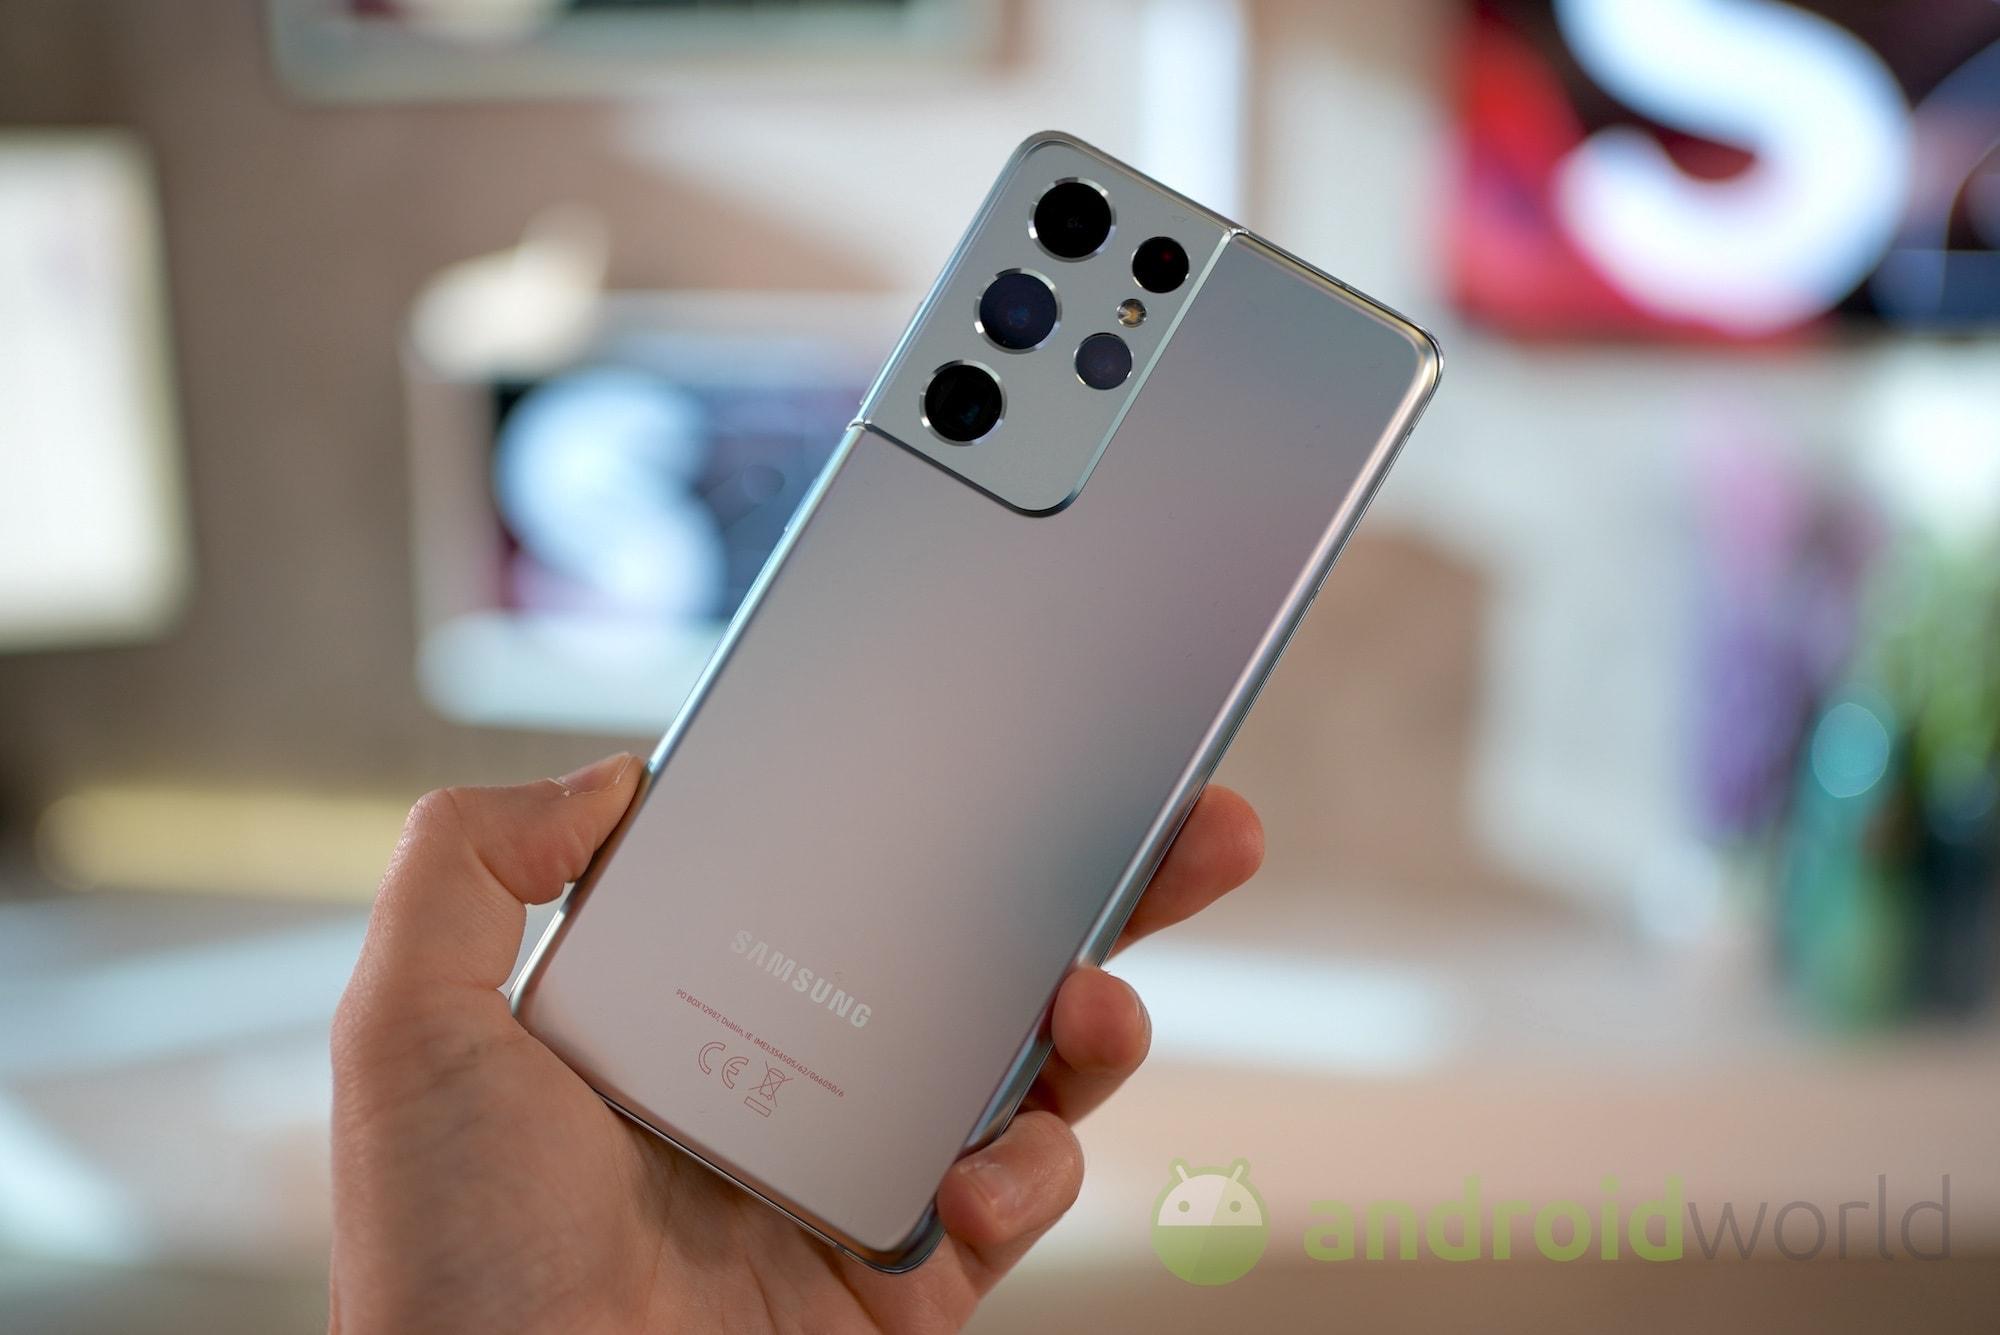 Galaxy S21 Ultra riceve uno degli aggiornamenti più veloci della storia: nuove patch e ottimizzazioni (foto)